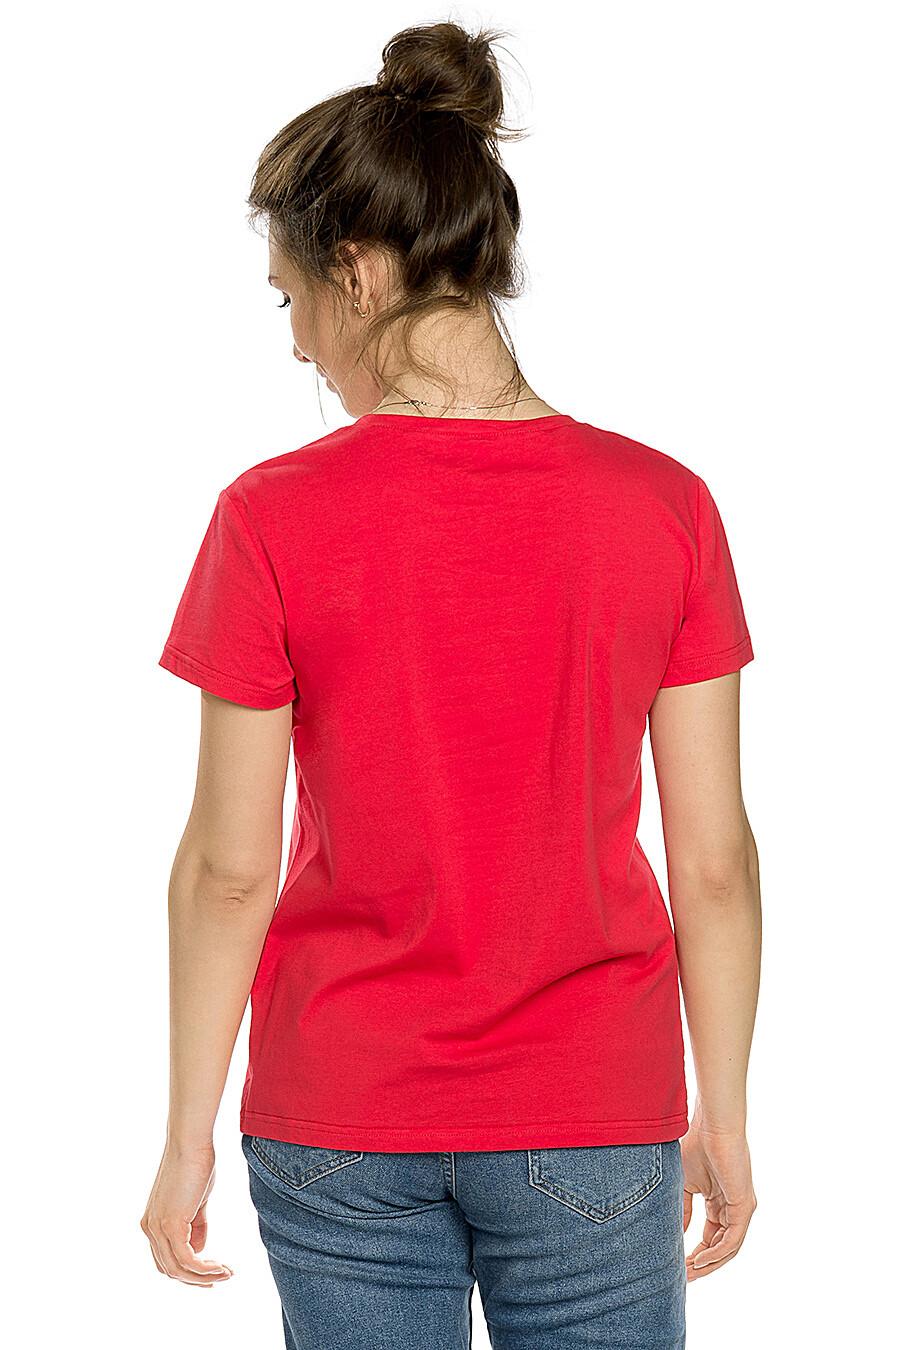 Футболка для женщин PELICAN 161357 купить оптом от производителя. Совместная покупка женской одежды в OptMoyo